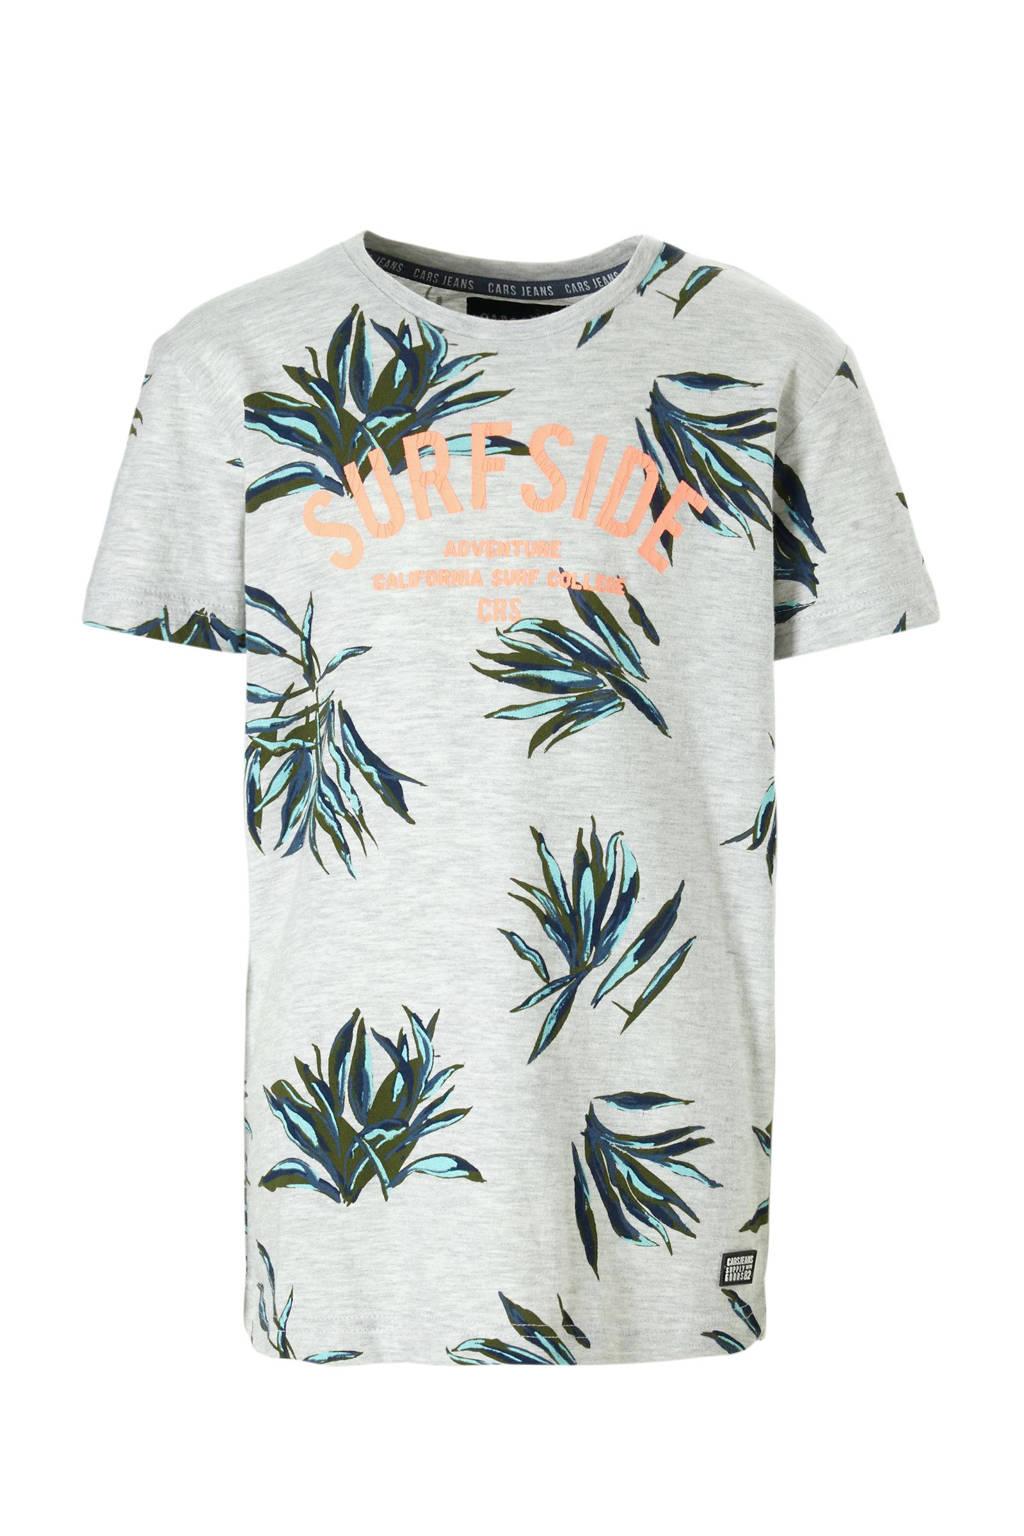 Cars T-shirt Basio met bladeren en tekst grijs, Grijs melange/oranje